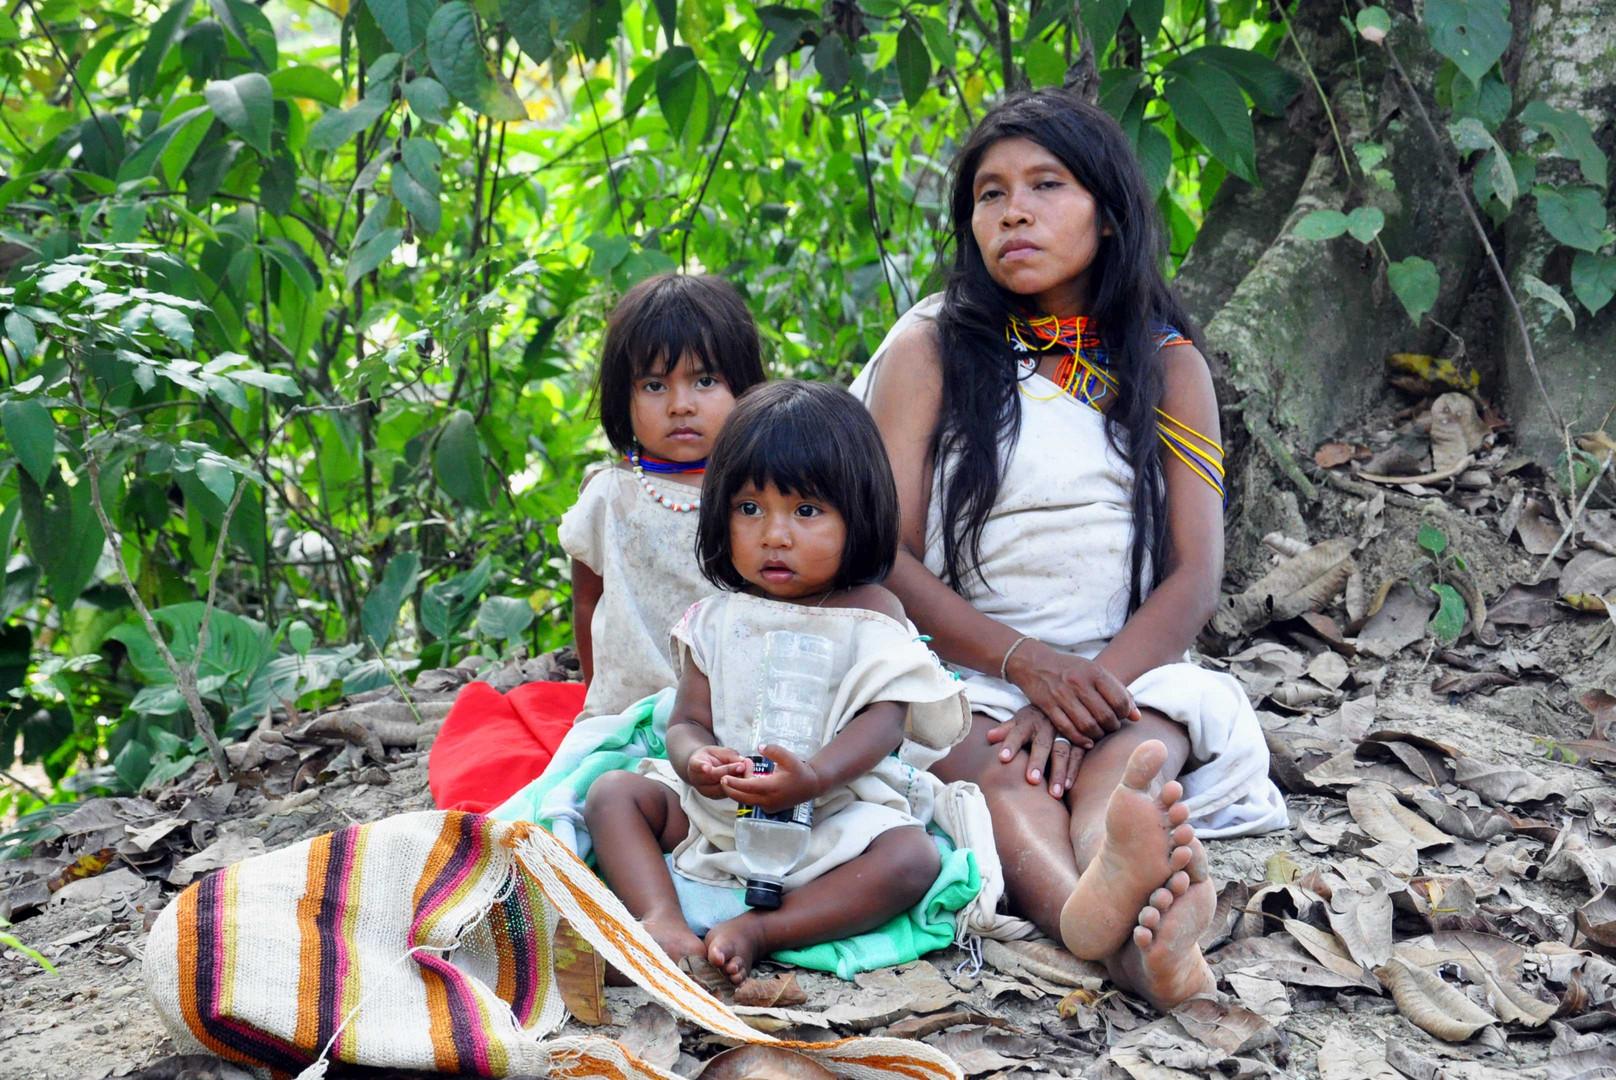 Kogi oder Arhuaco